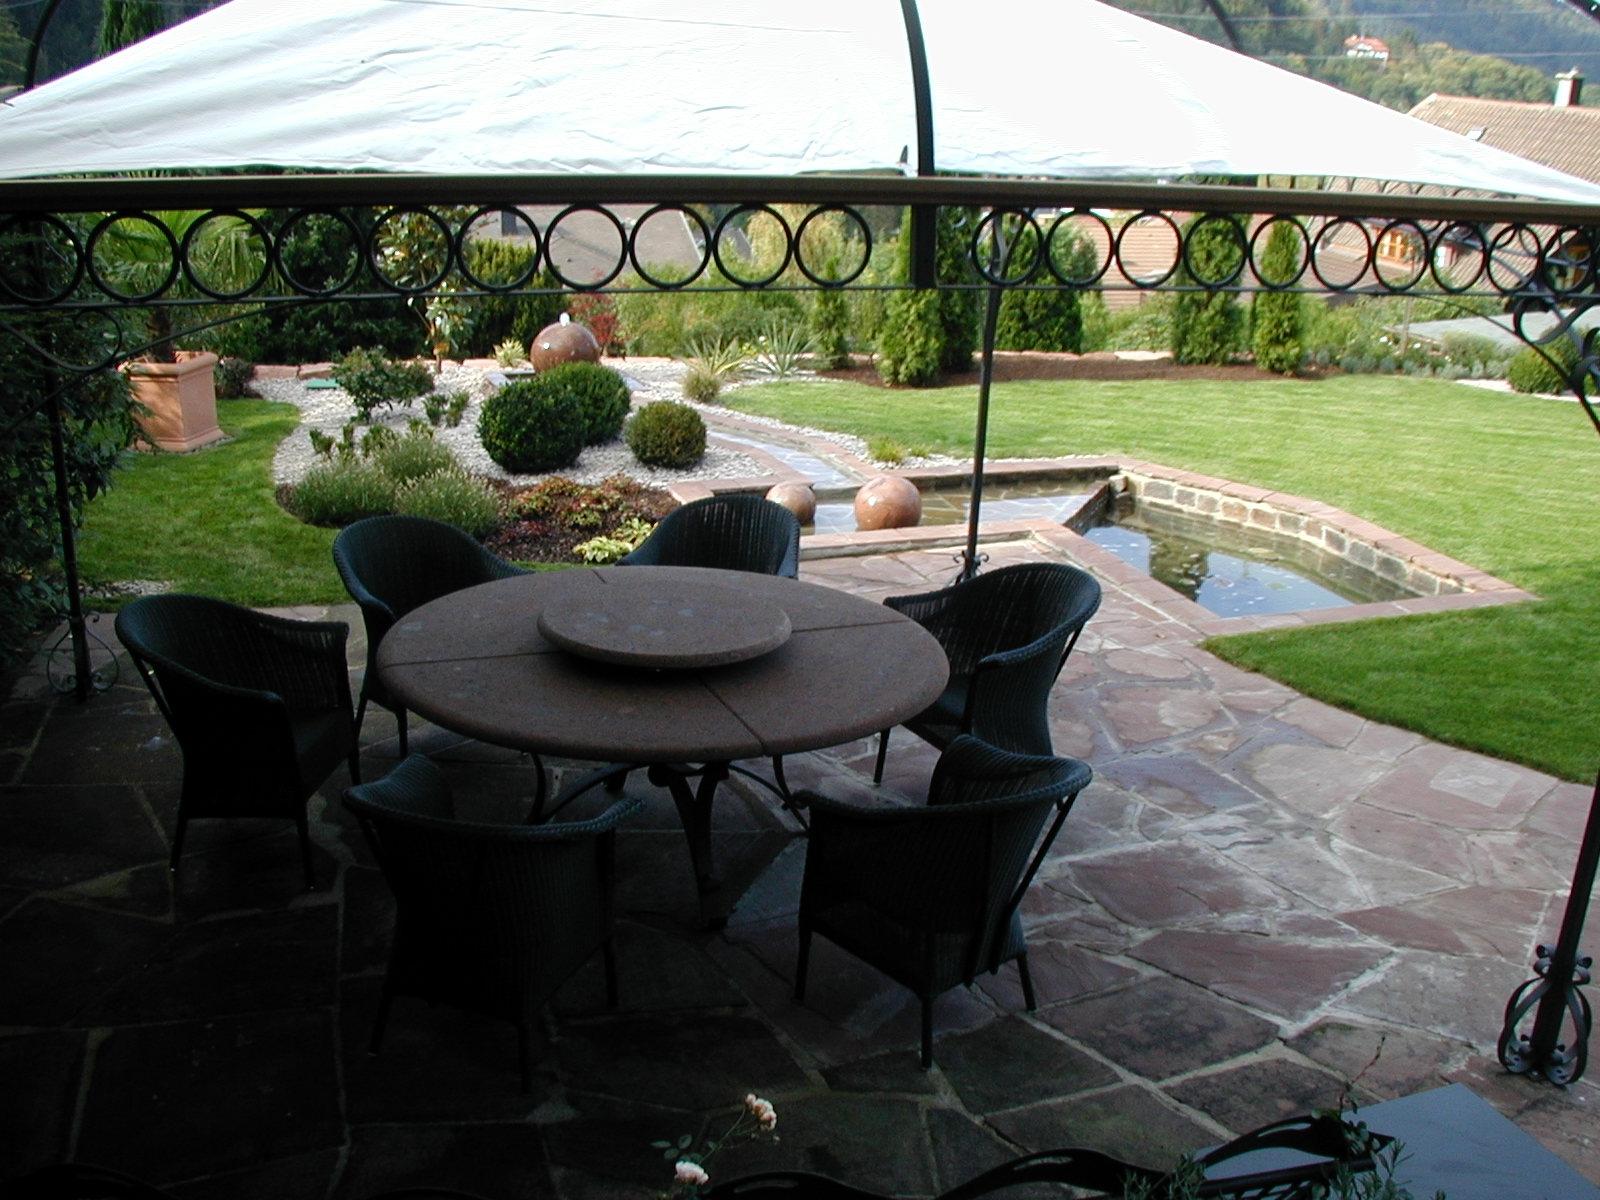 cb gardens gmbh in baden baden anfrage stellen. Black Bedroom Furniture Sets. Home Design Ideas